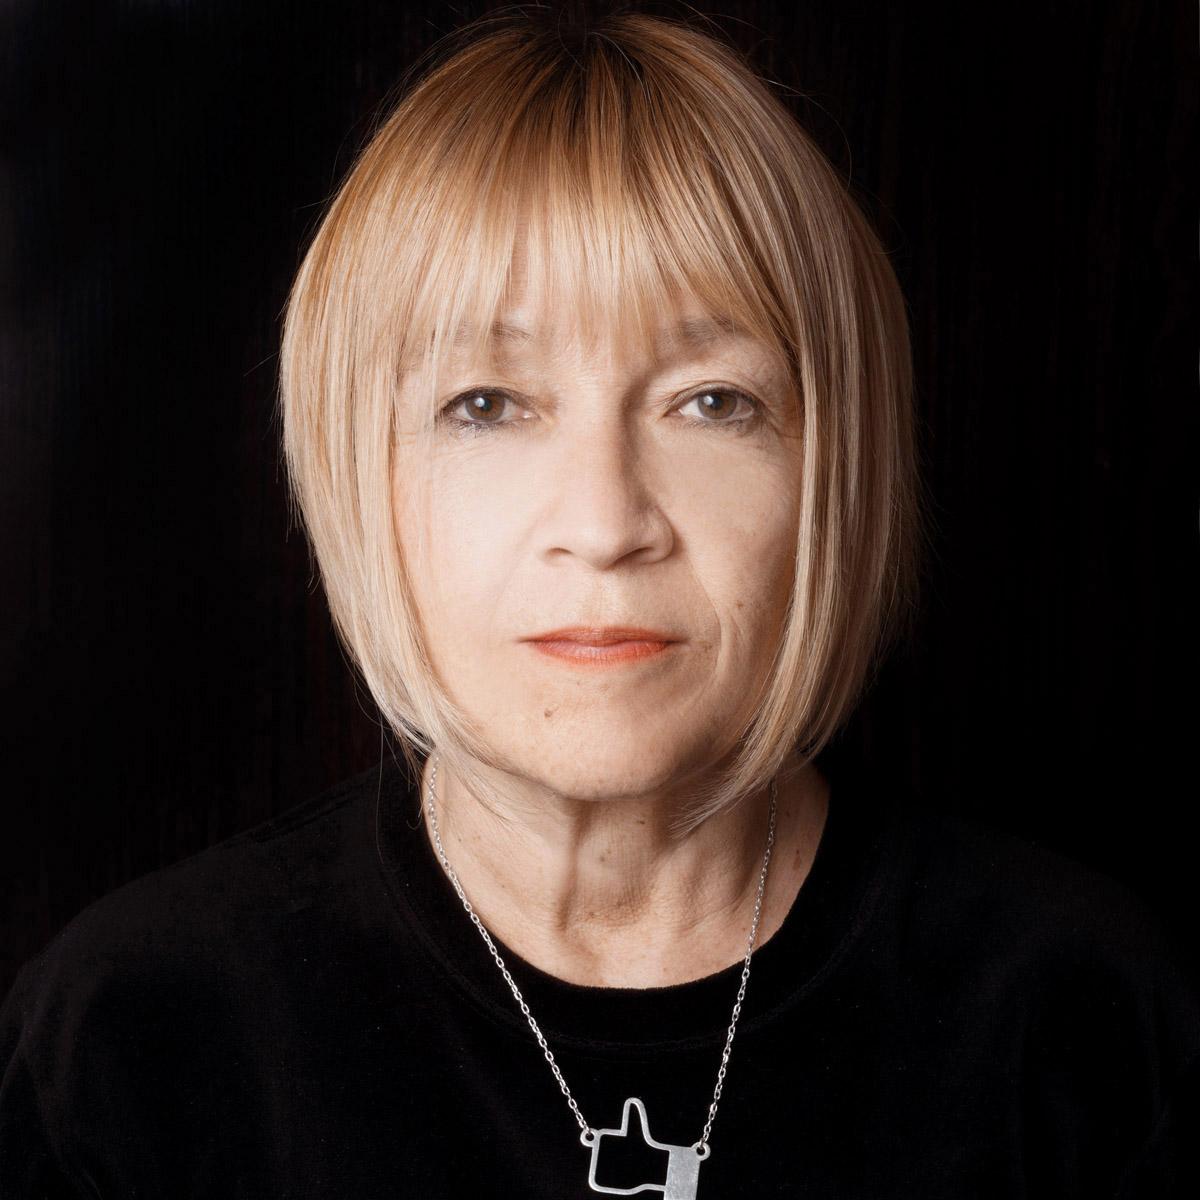 Non penso in termini di invecchiamento, penso in termini di miglioramento e miglioramento - Cindy Gallop, fondatrice di Make Love Not Porn, la prima piattaforma di social sharing dedicata al sesso, progettata per normalizzare la conversazione e la pratica